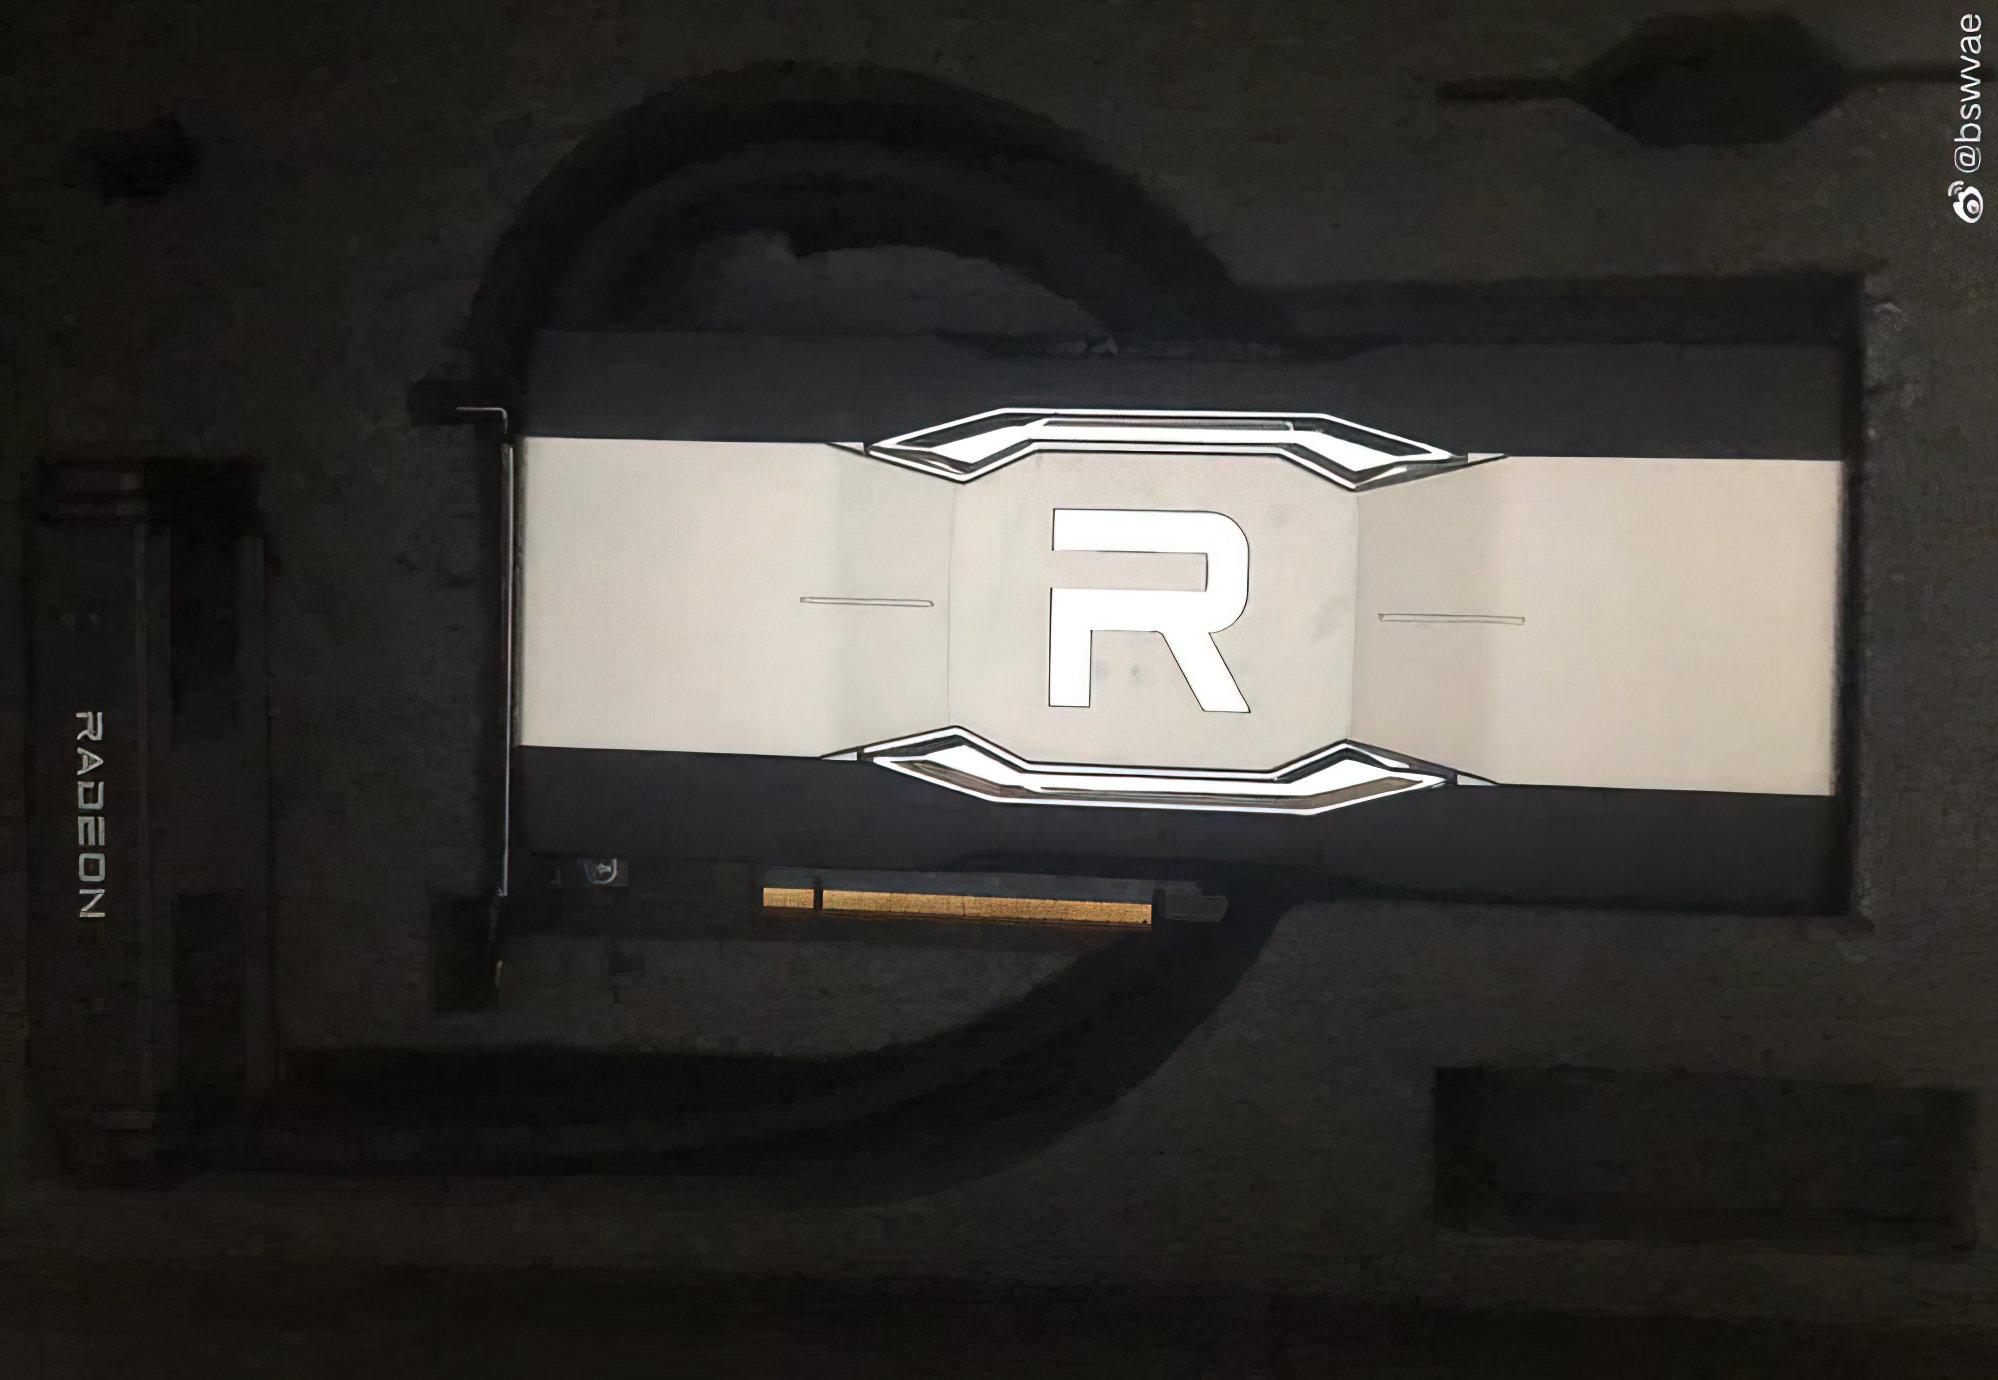 В Сети появилось фото AMD Radeon RX 6900 XTX с водяным охлаждением